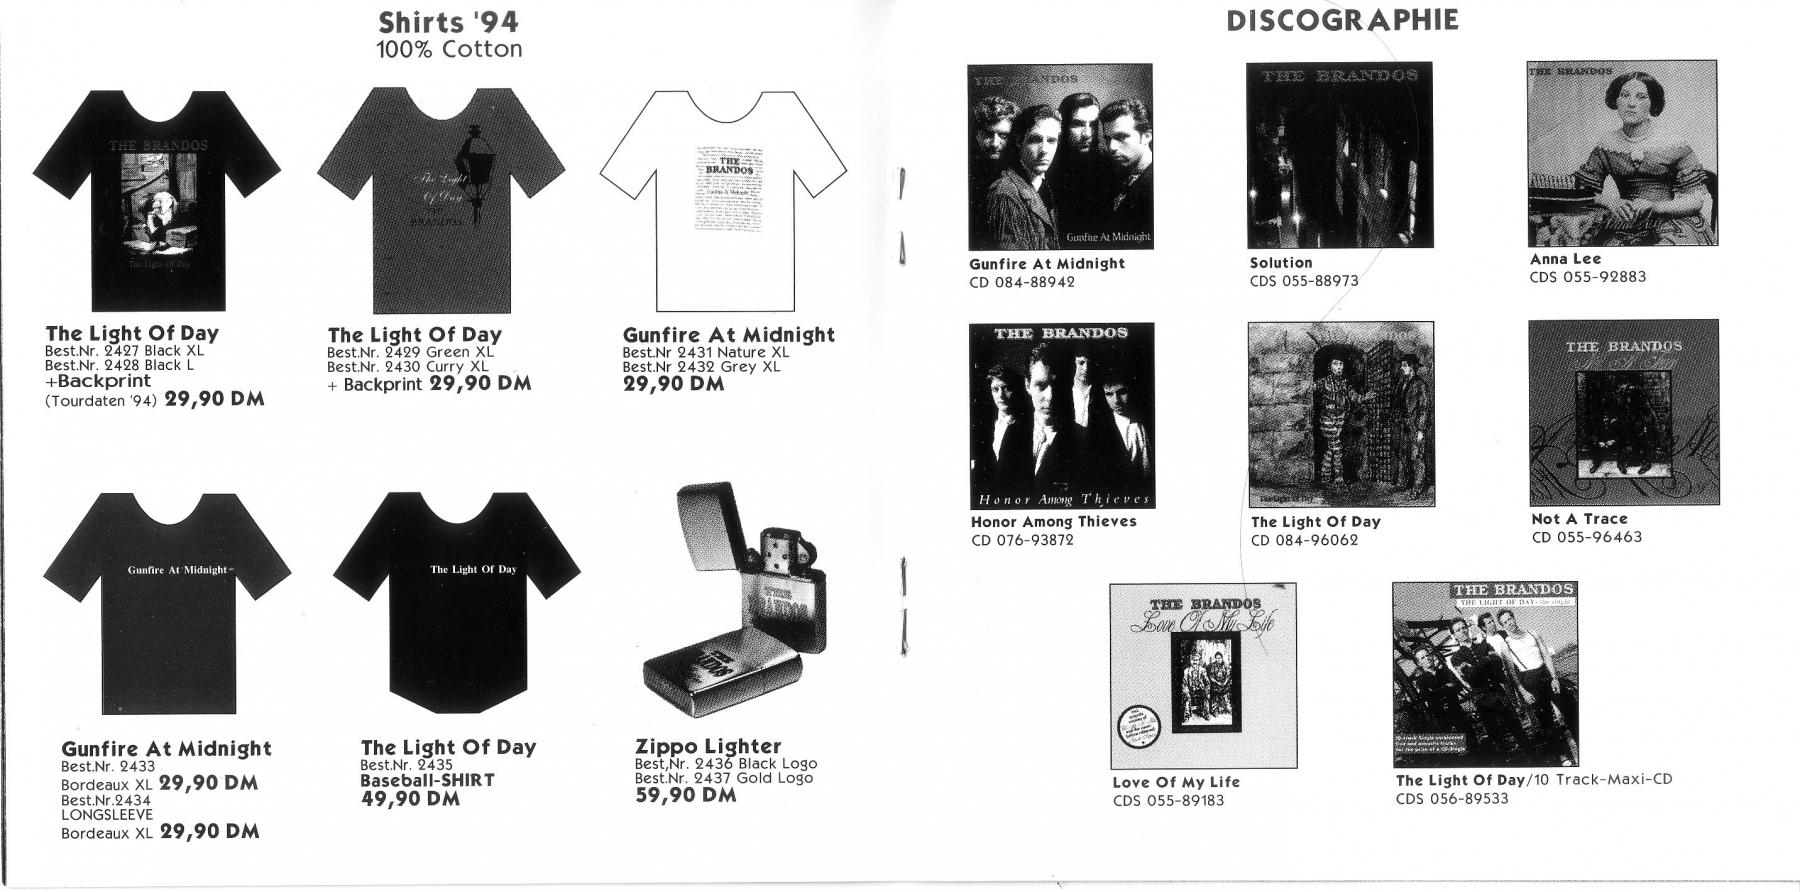 D_B_In_Exile_Merchandising_2_3